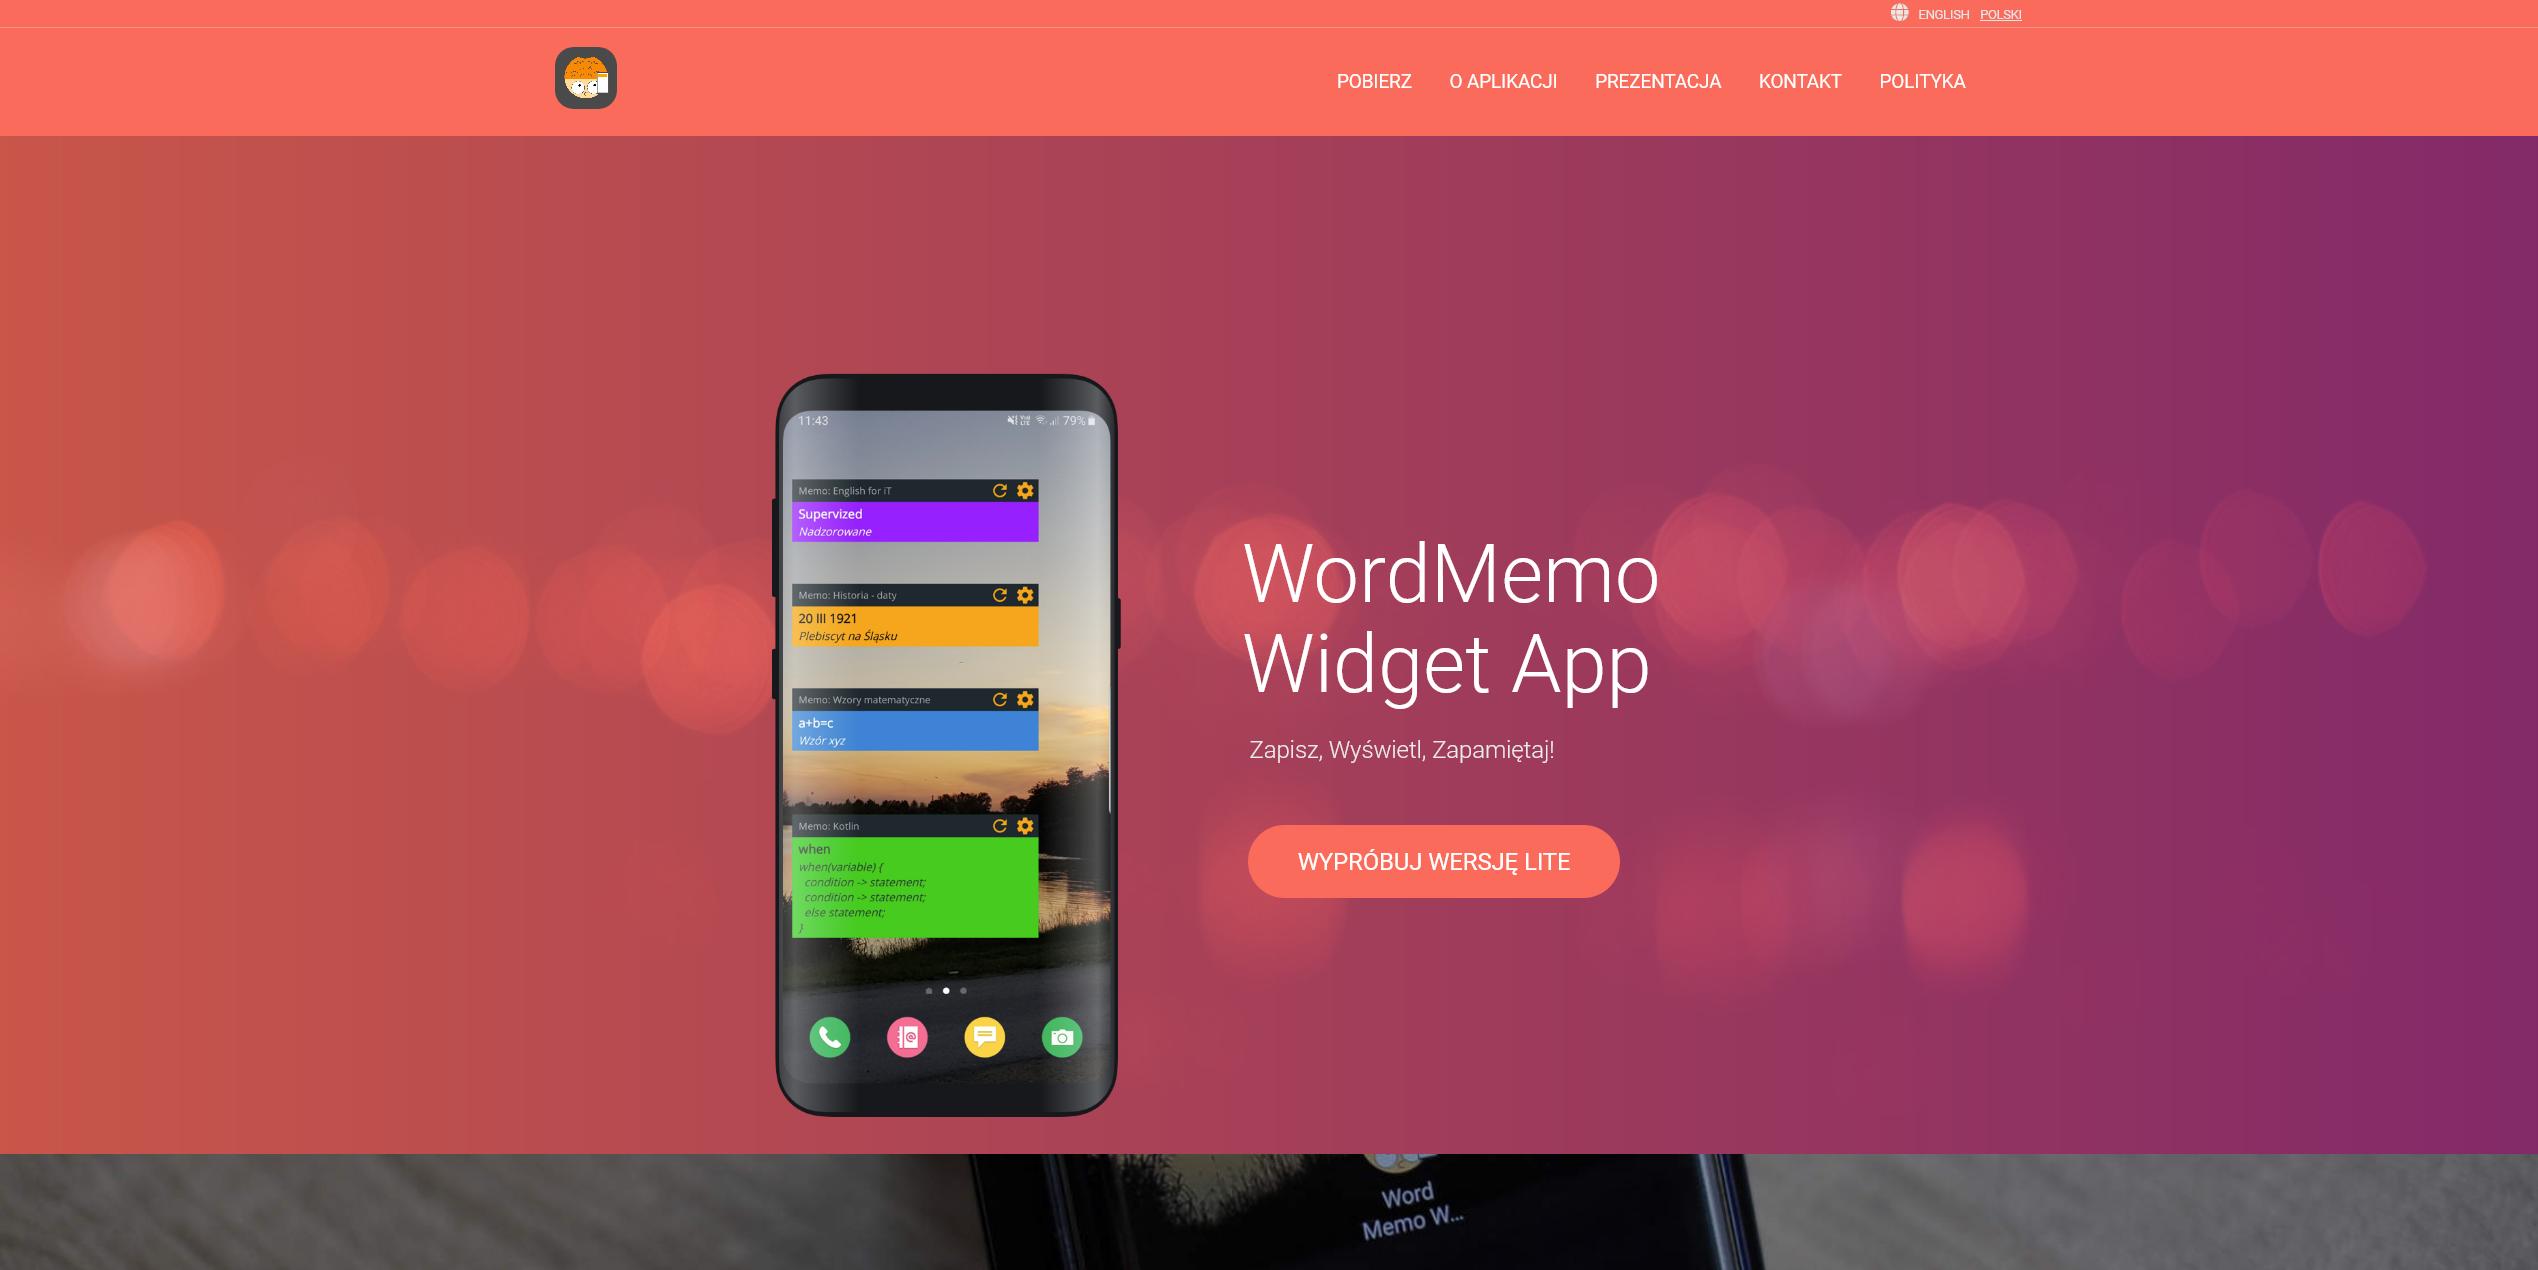 WordMemo Widget App Landing Page